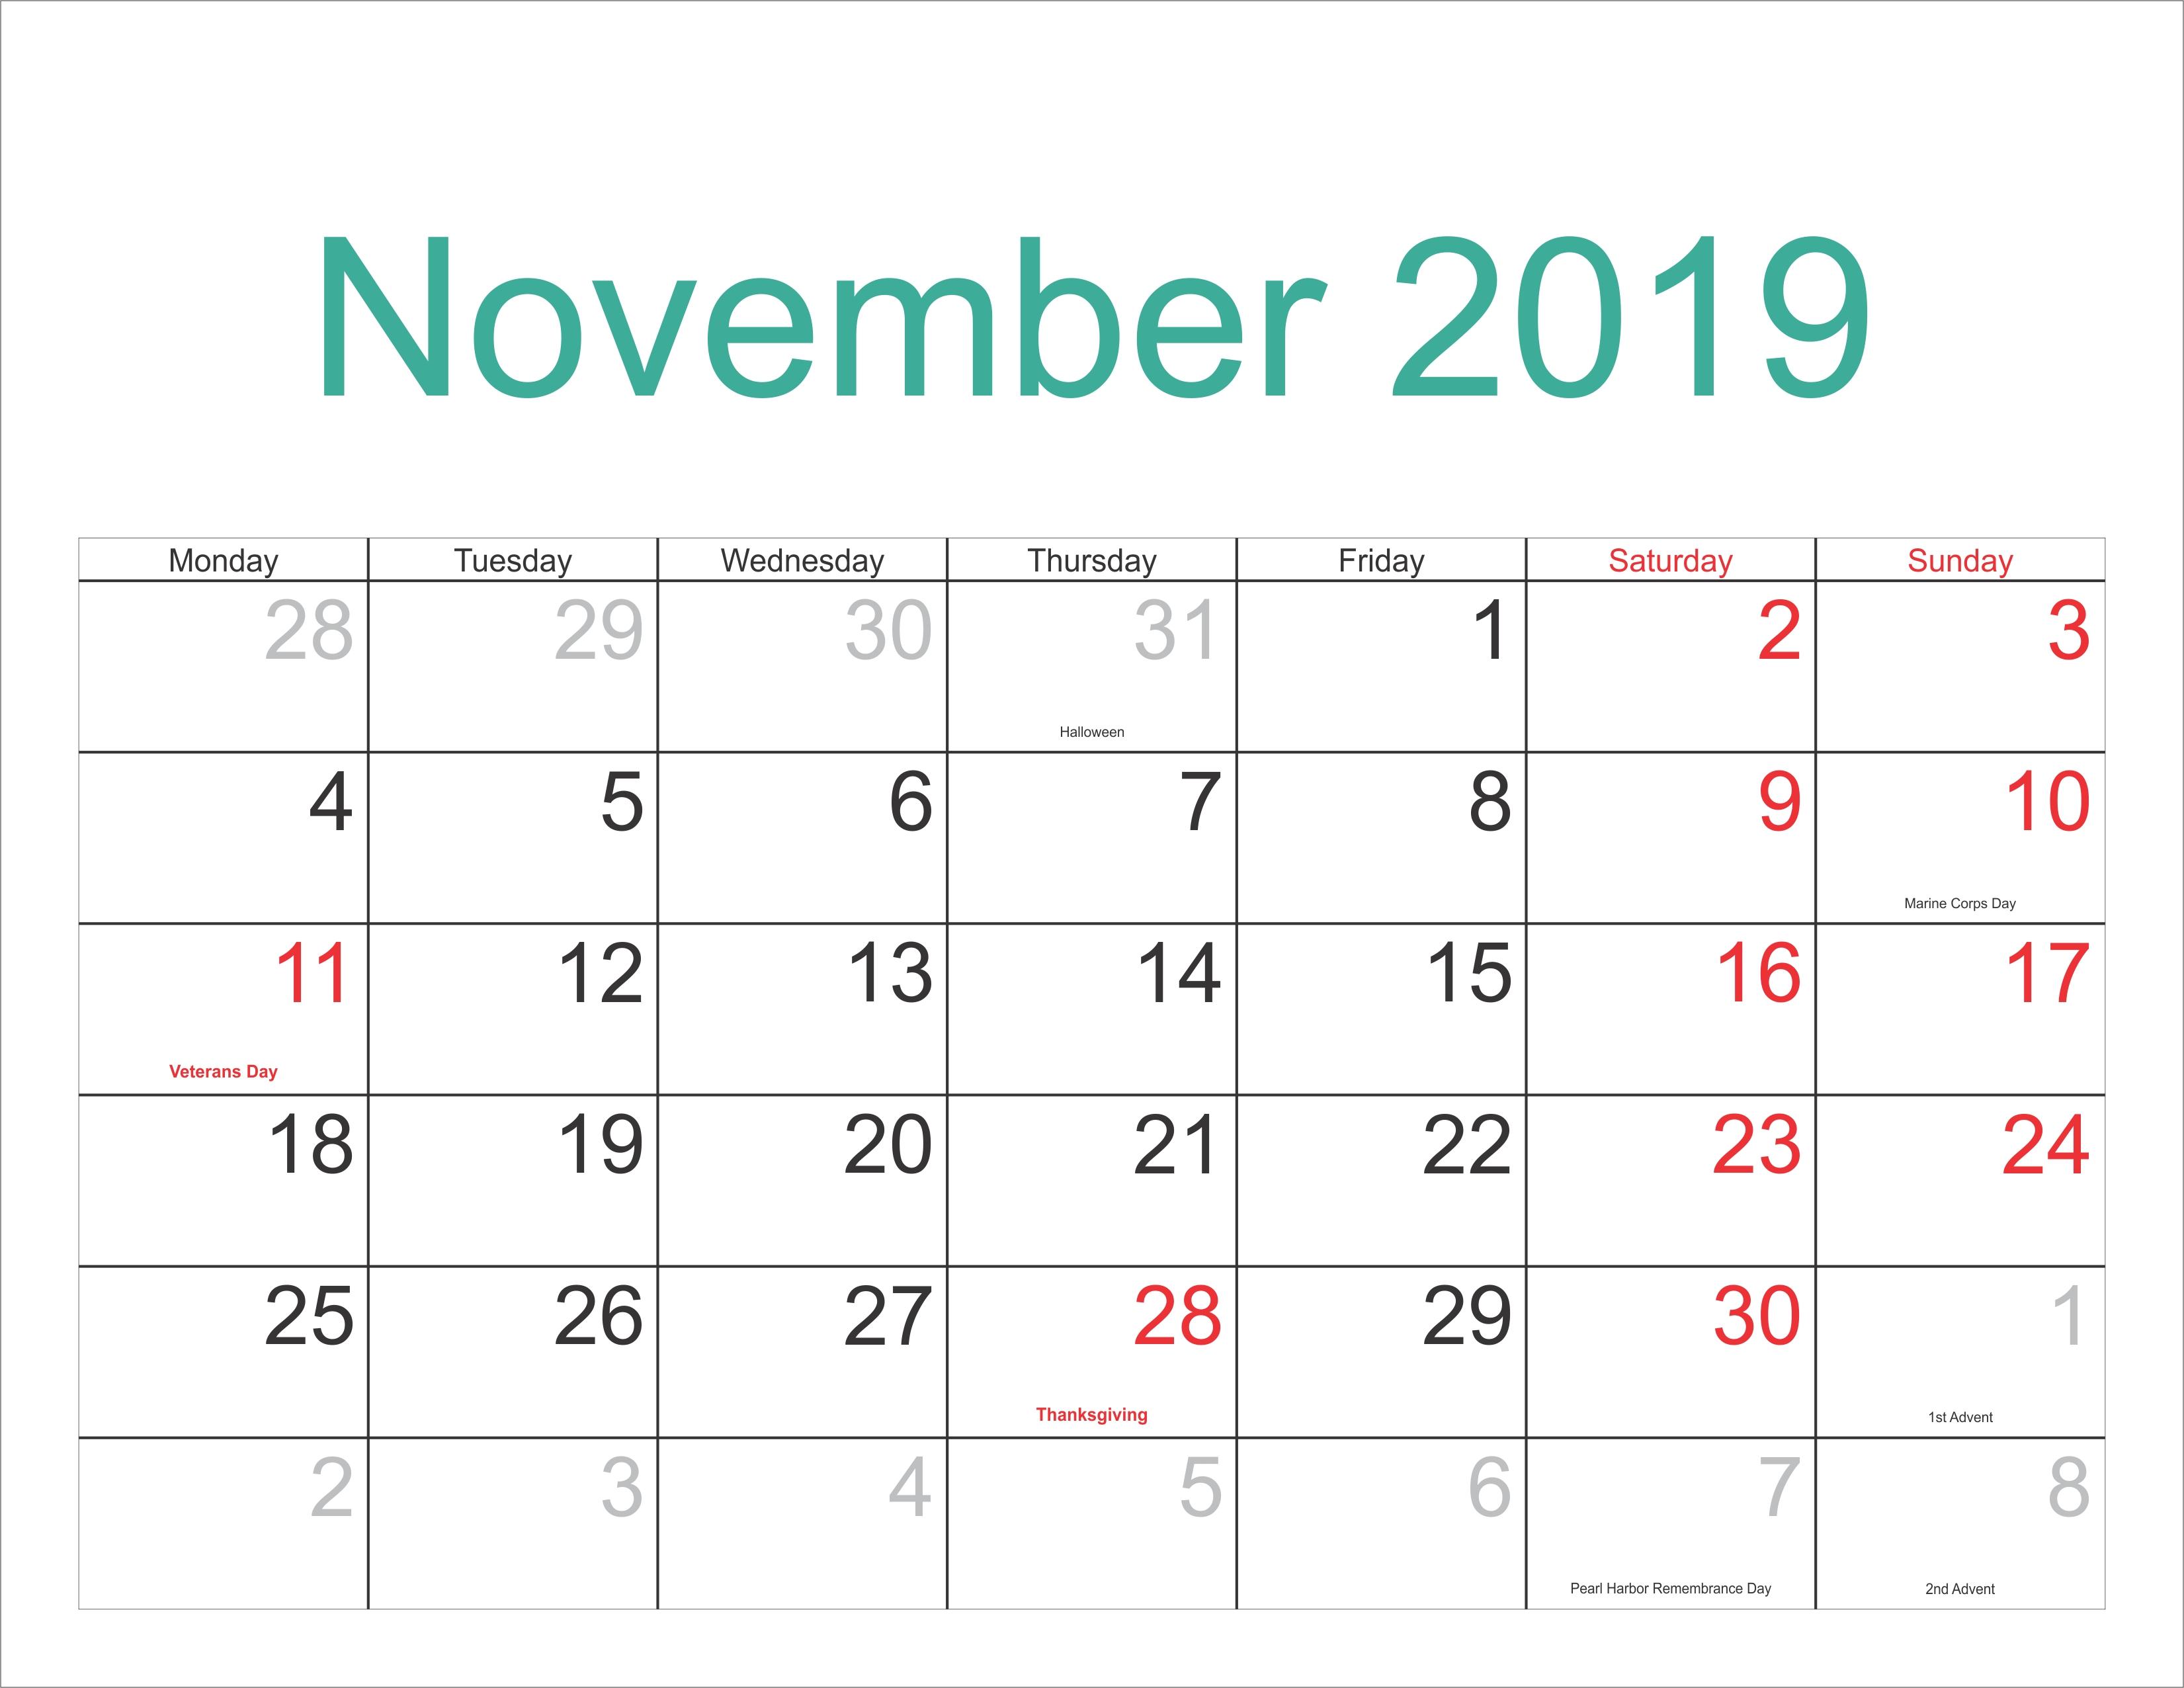 November 2019 Excel Calendar - Free November 2018 Calendar Calendar 2019 Purchase